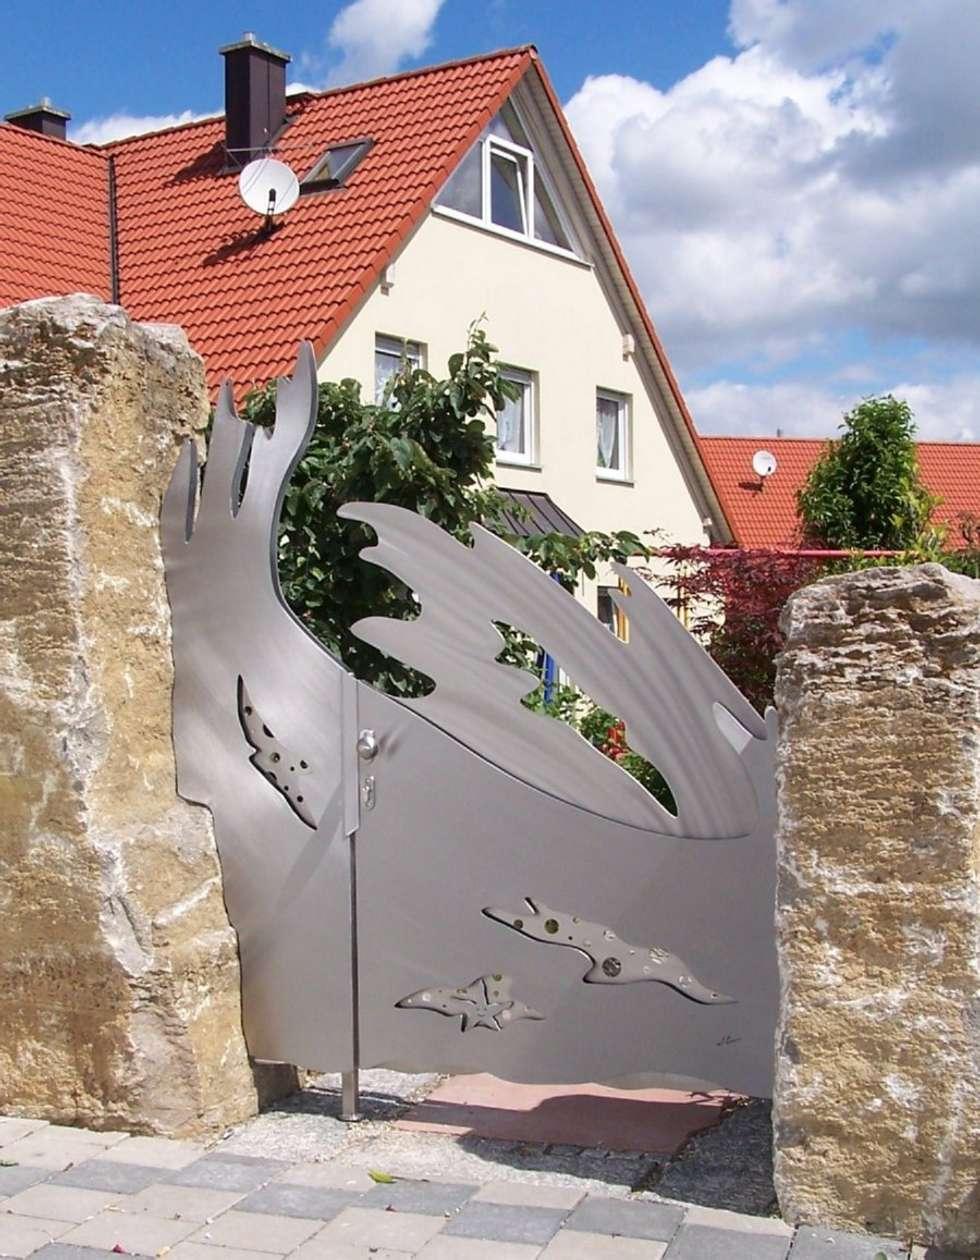 Edelstahl Tor Design: moderner Garten von Edelstahl Atelier Crouse - Stainless Steel Atelier